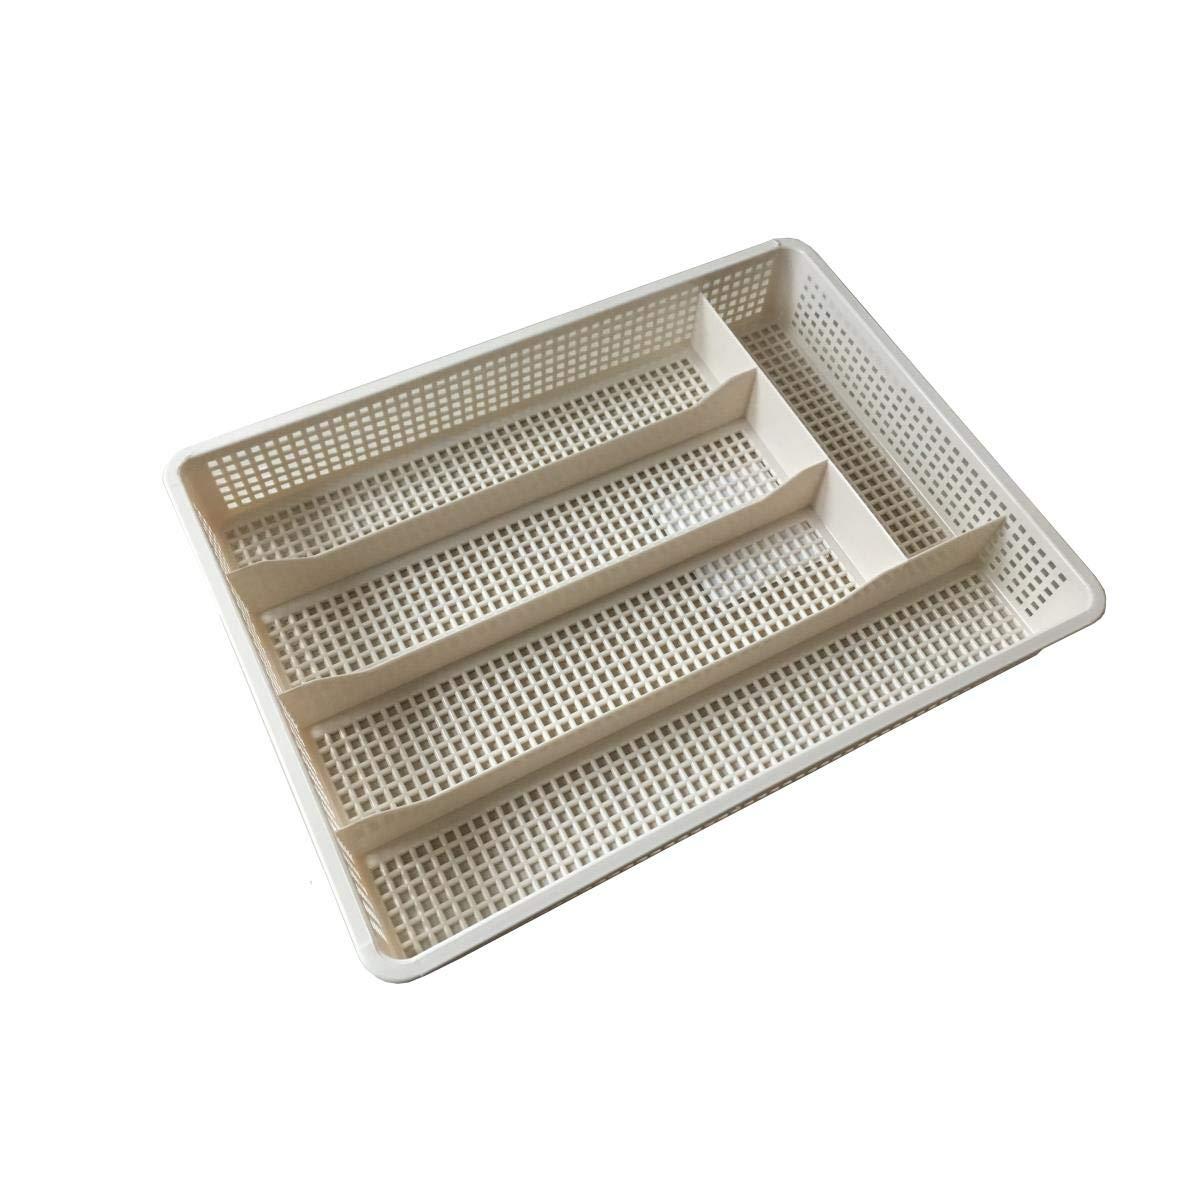 Besteckeinsatz Besteckkasten Schubladeneinsatz Besteckkorb Kasten